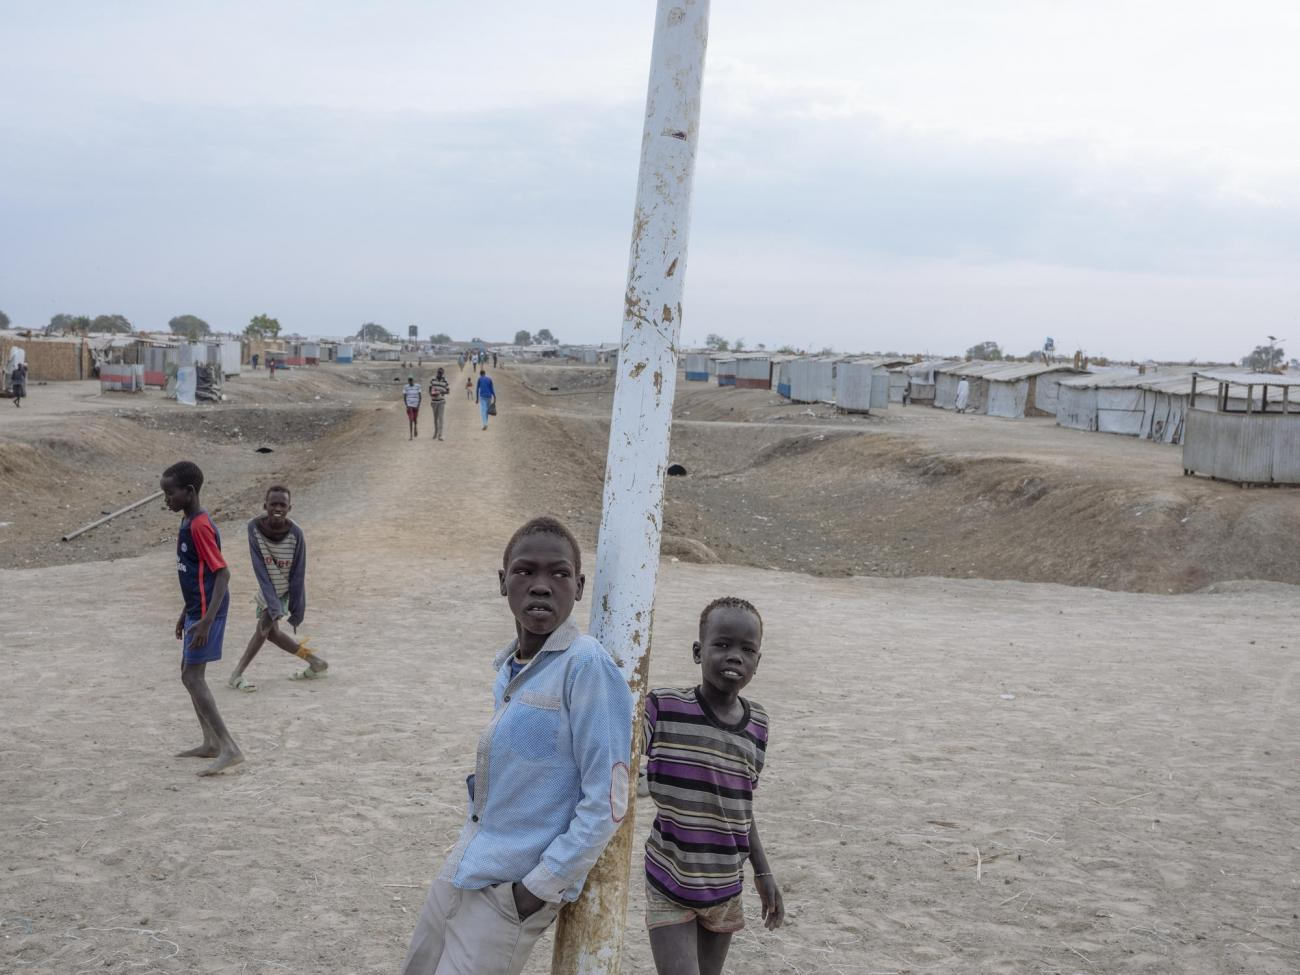 Des enfants jouent dans le site de protection des civils de Bentiu. 2018. Soudan du Sud.  © Emin Ozmen/Magnum Photos